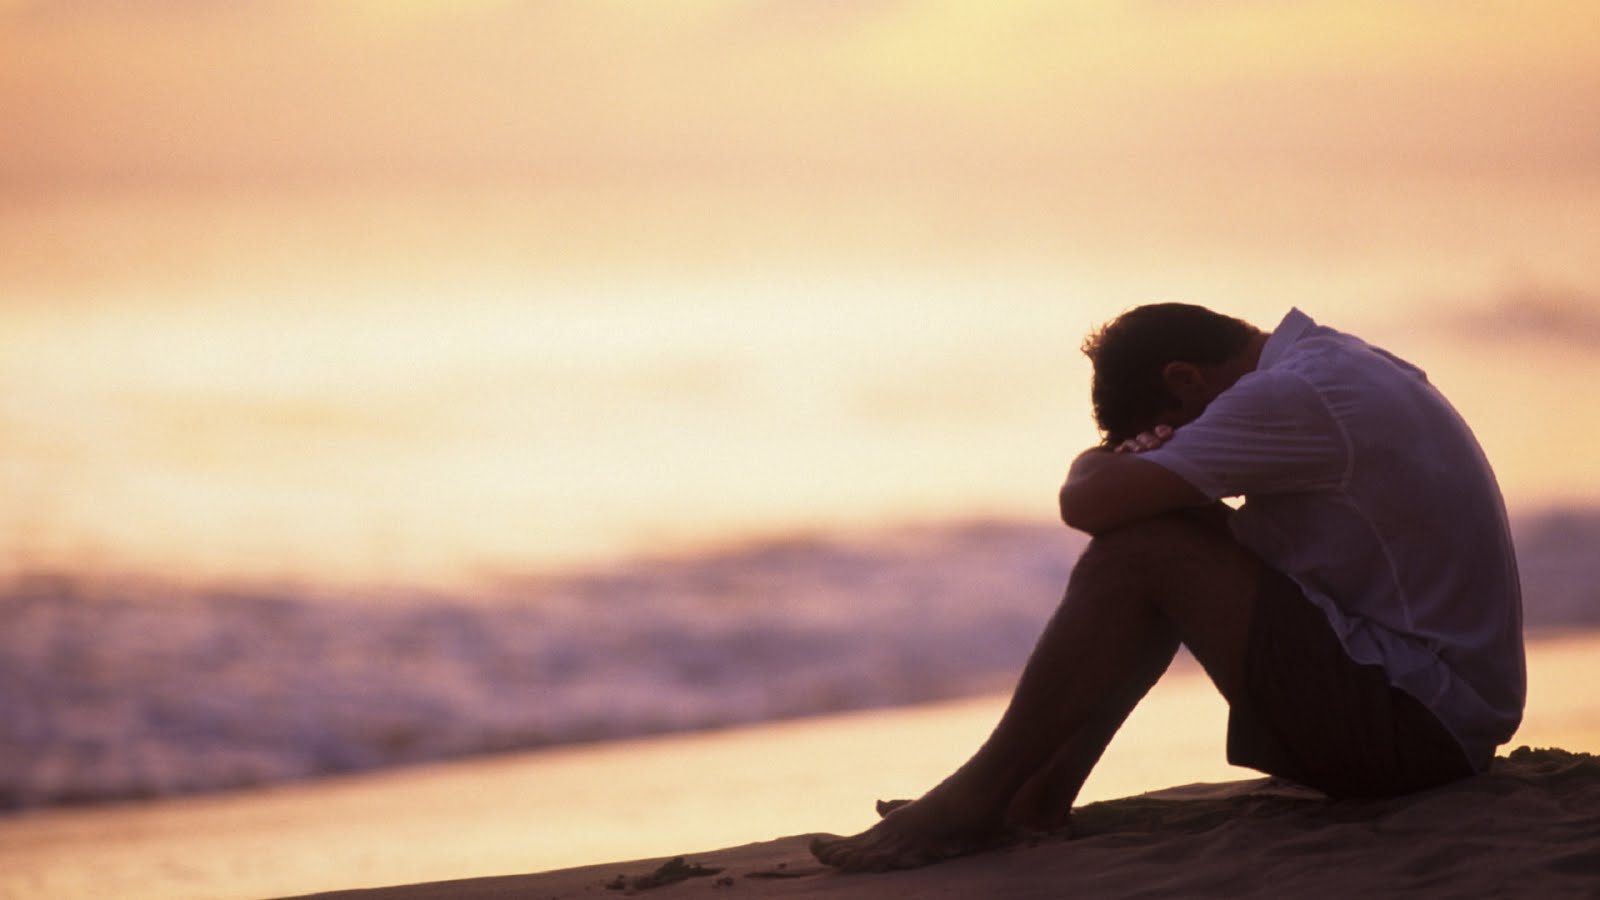 بالصور صور شخص حزين , الحزن والبكاء فى صوره 4698 5